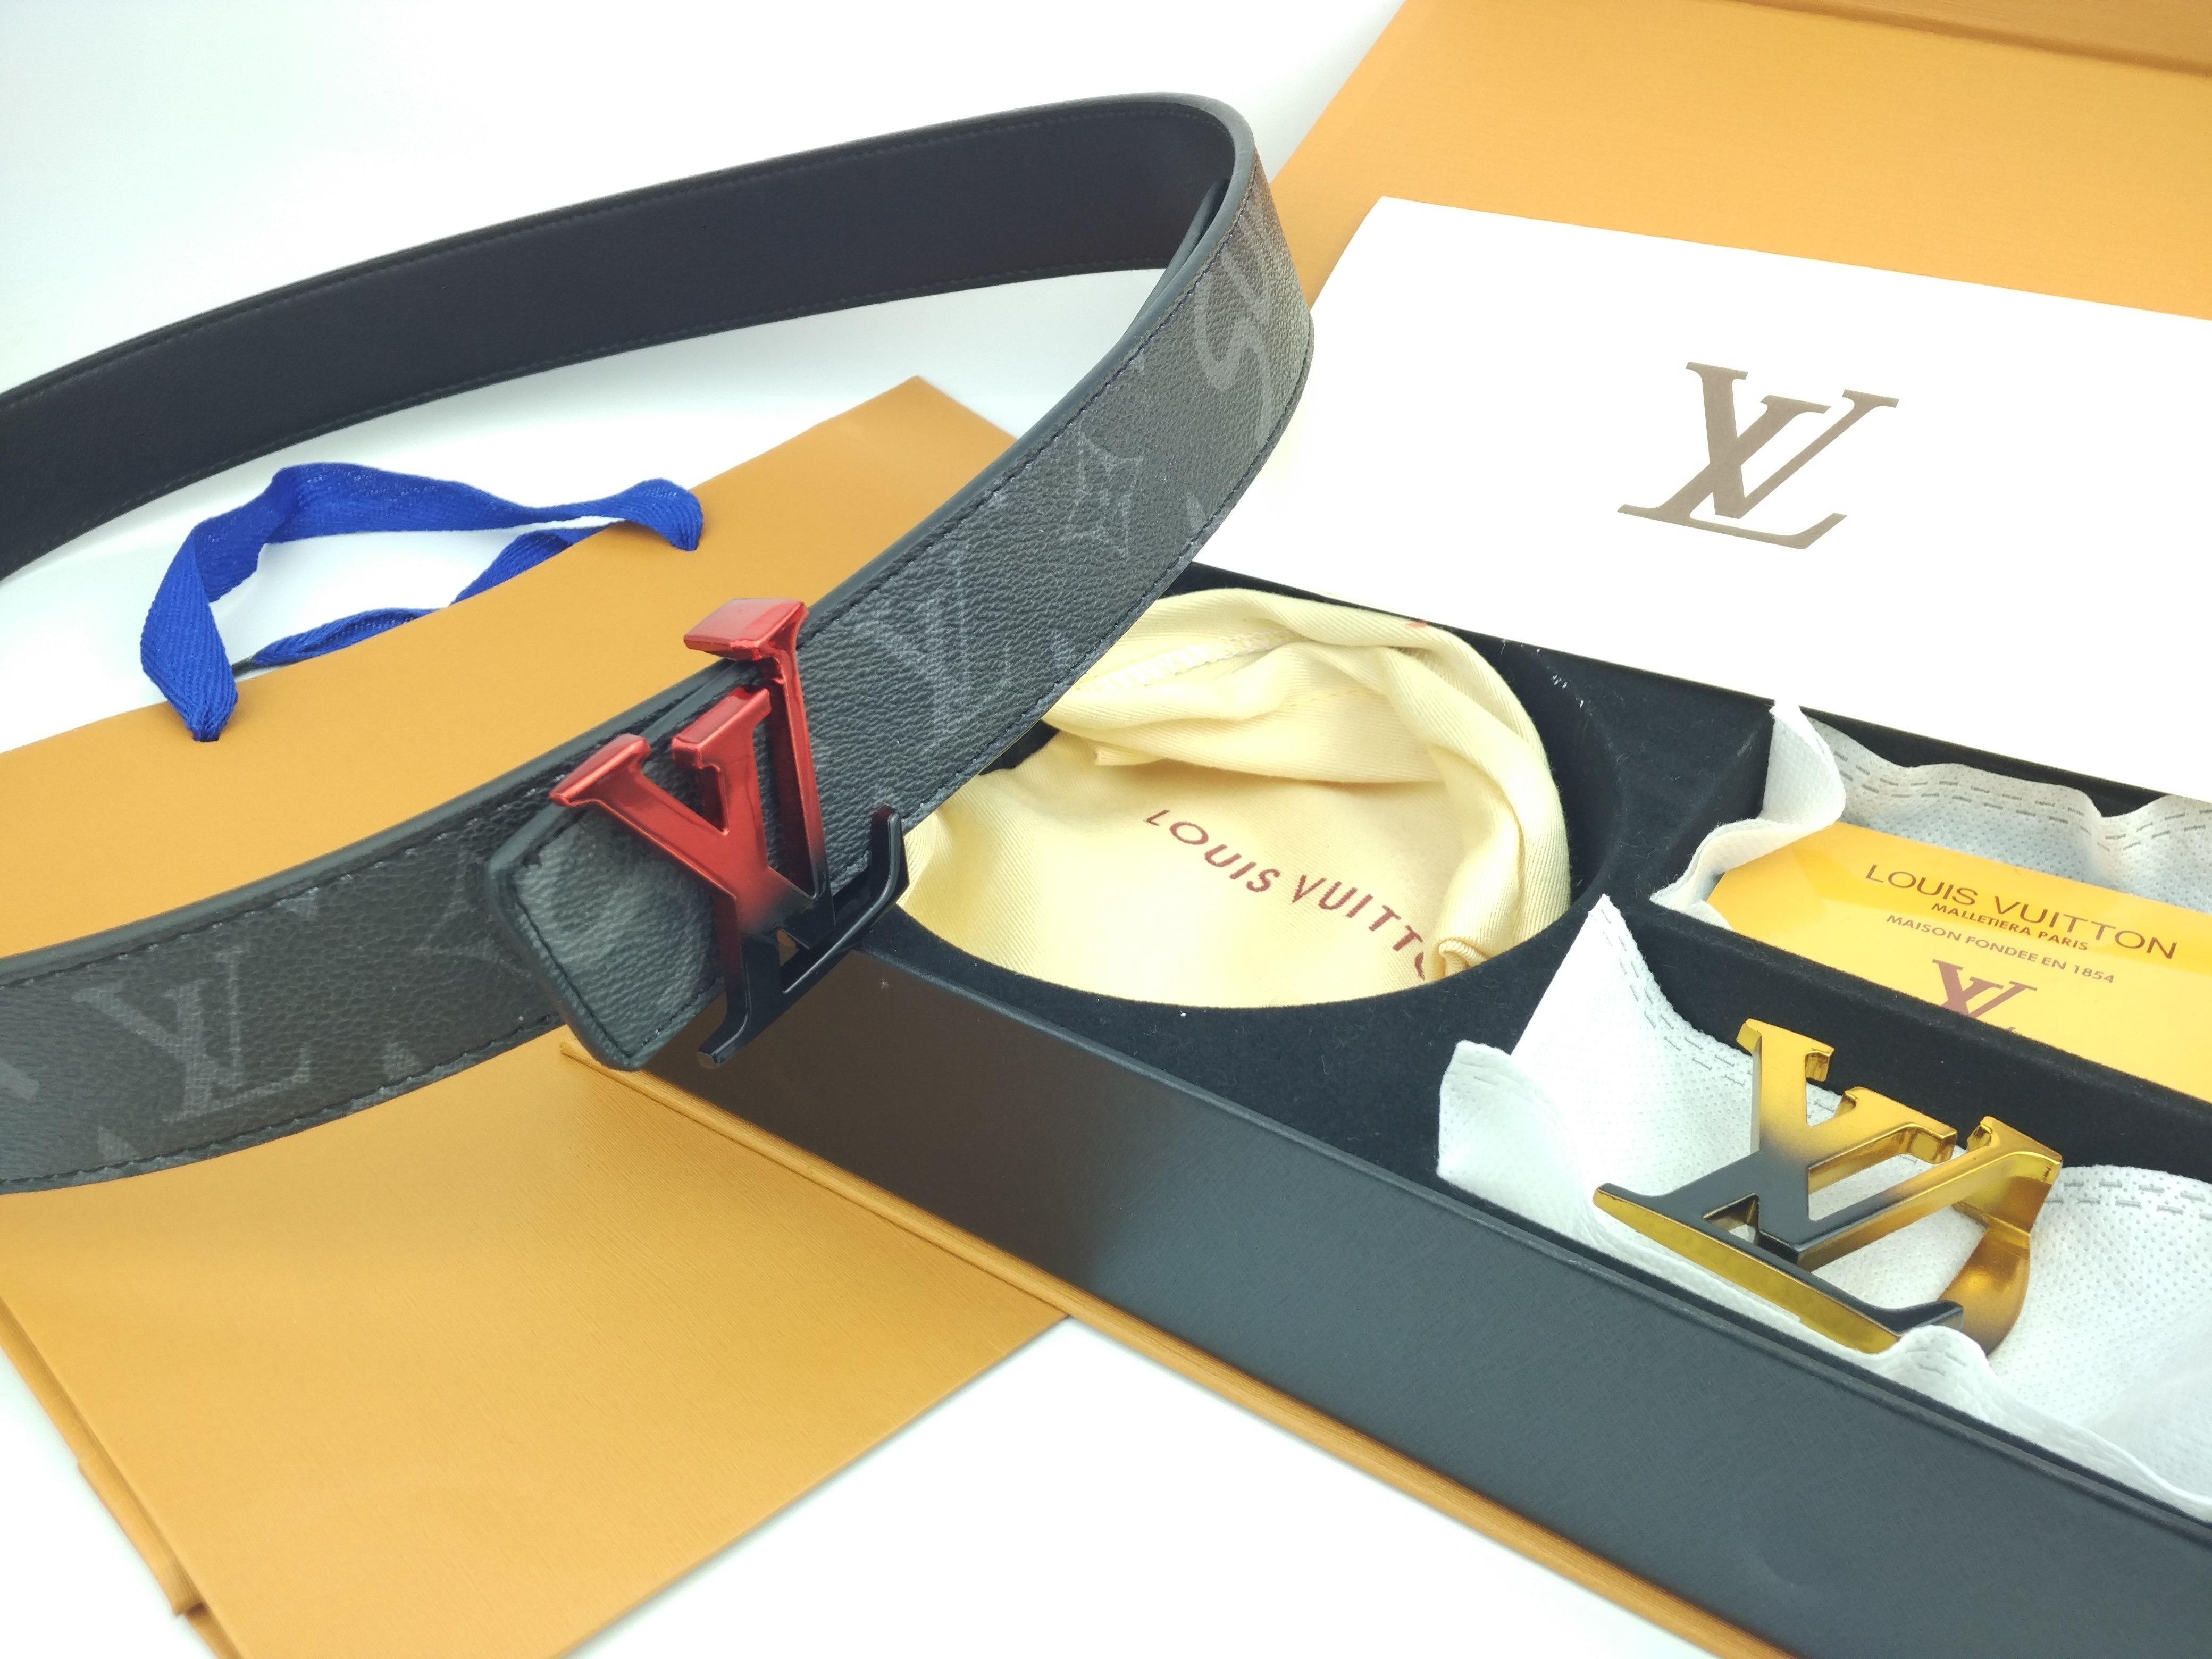 fibbia della cintura di svago per gli uomini e donne, giovani e d'affari di mezza età, diapositive elegante, vera e propria versione coreana di cinture finite per uomini e donne